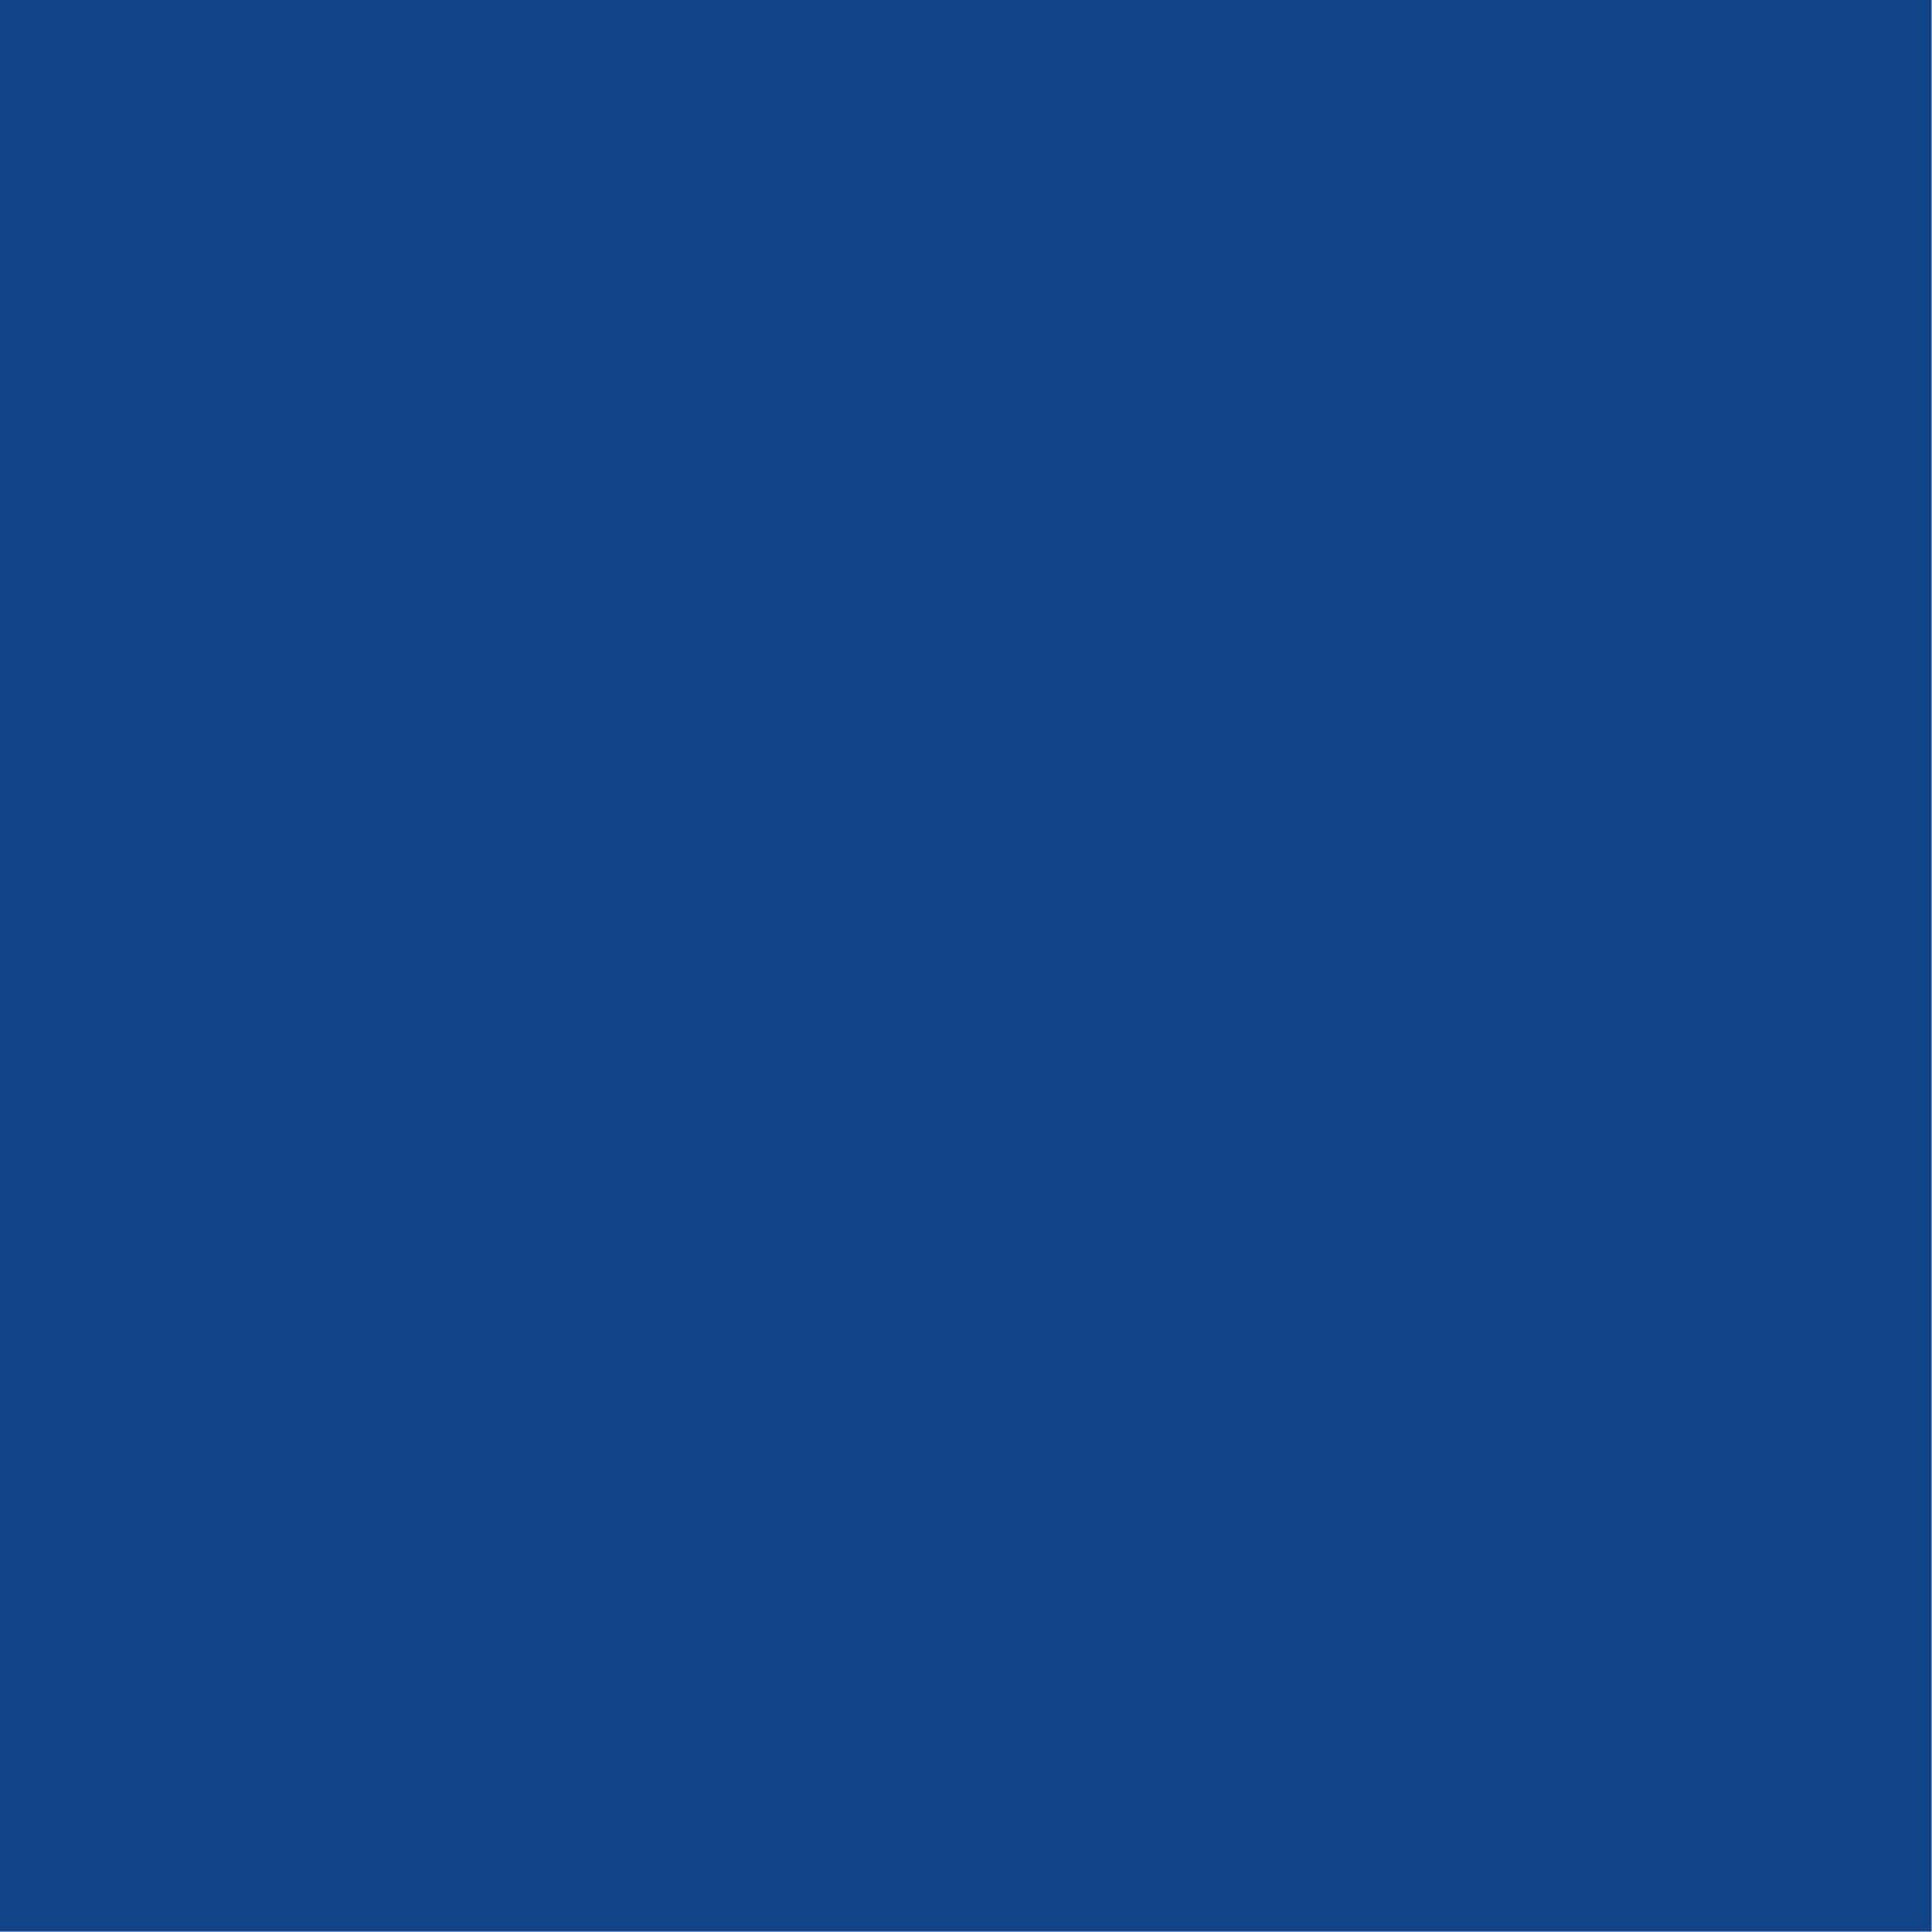 Blue Marine Square shape Image